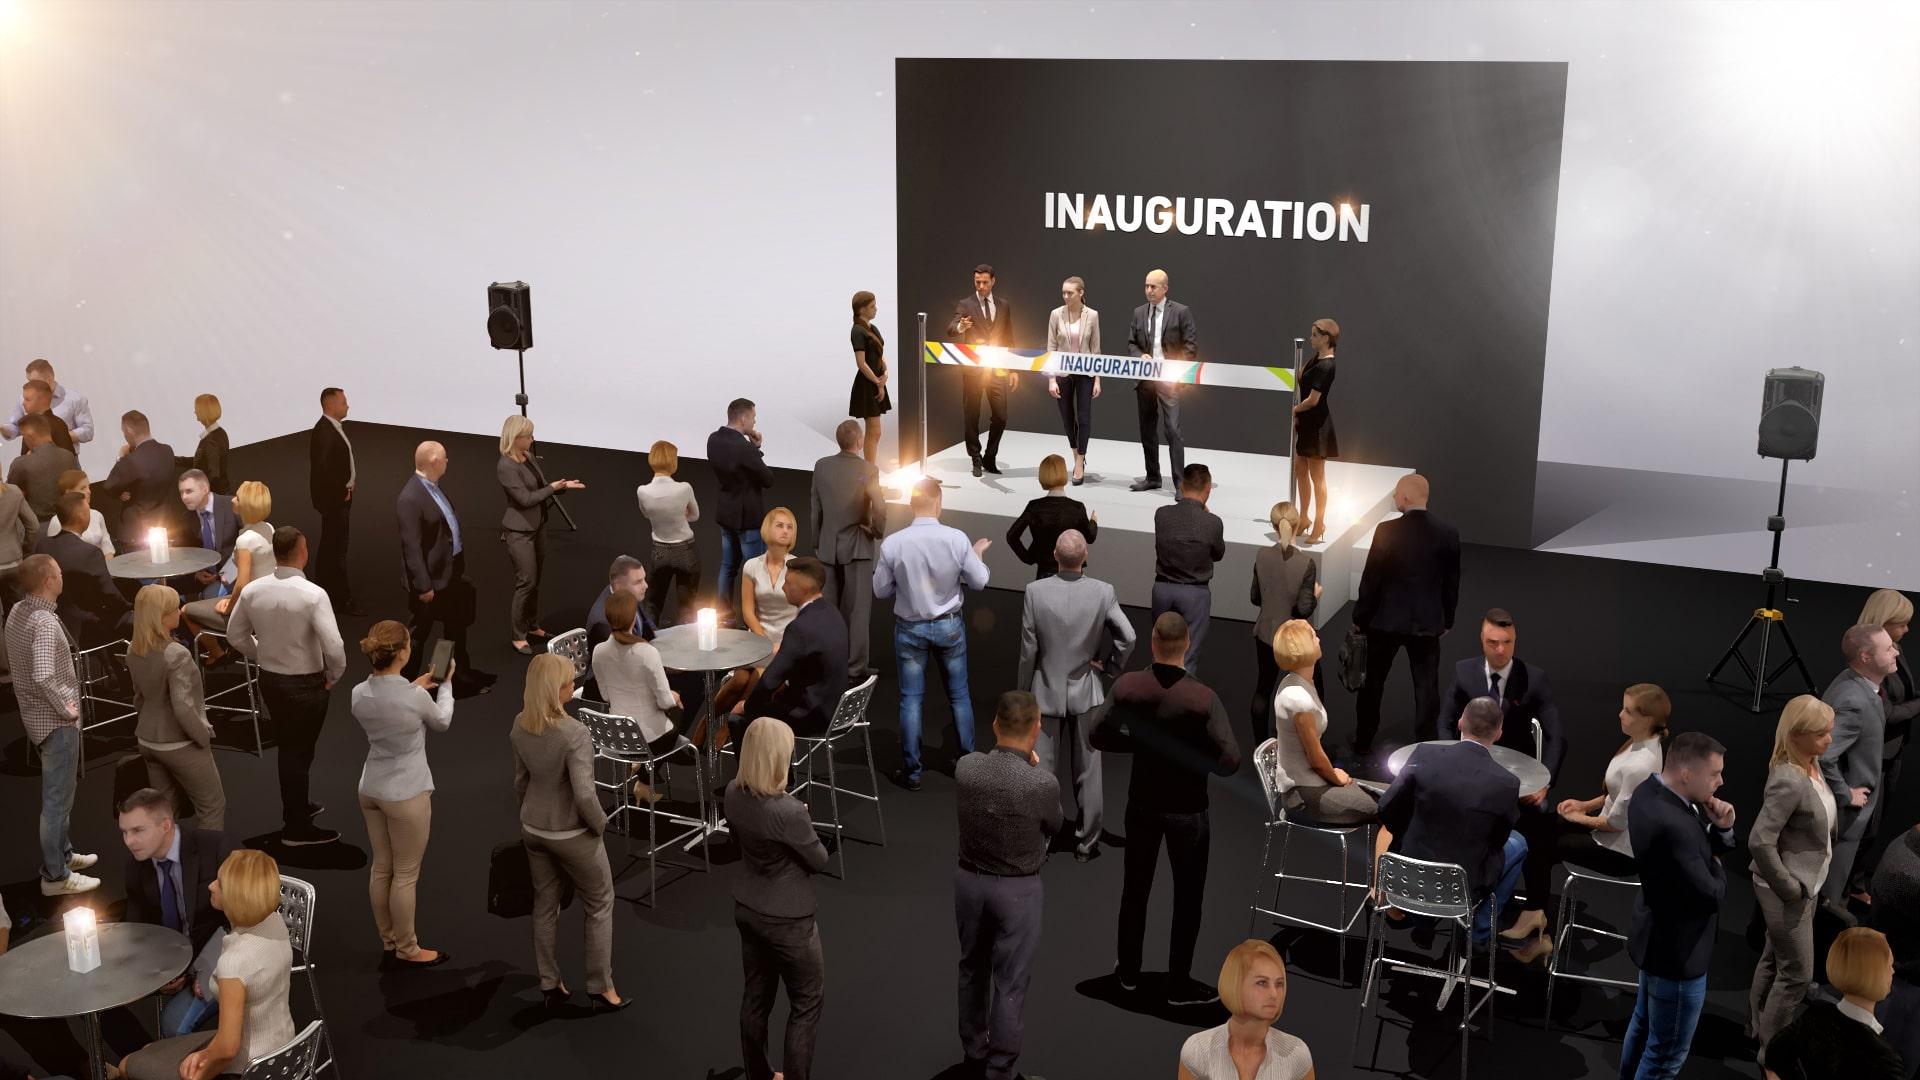 Inauguration nouveaux locaux entreprise - Discours et coupe du ruban